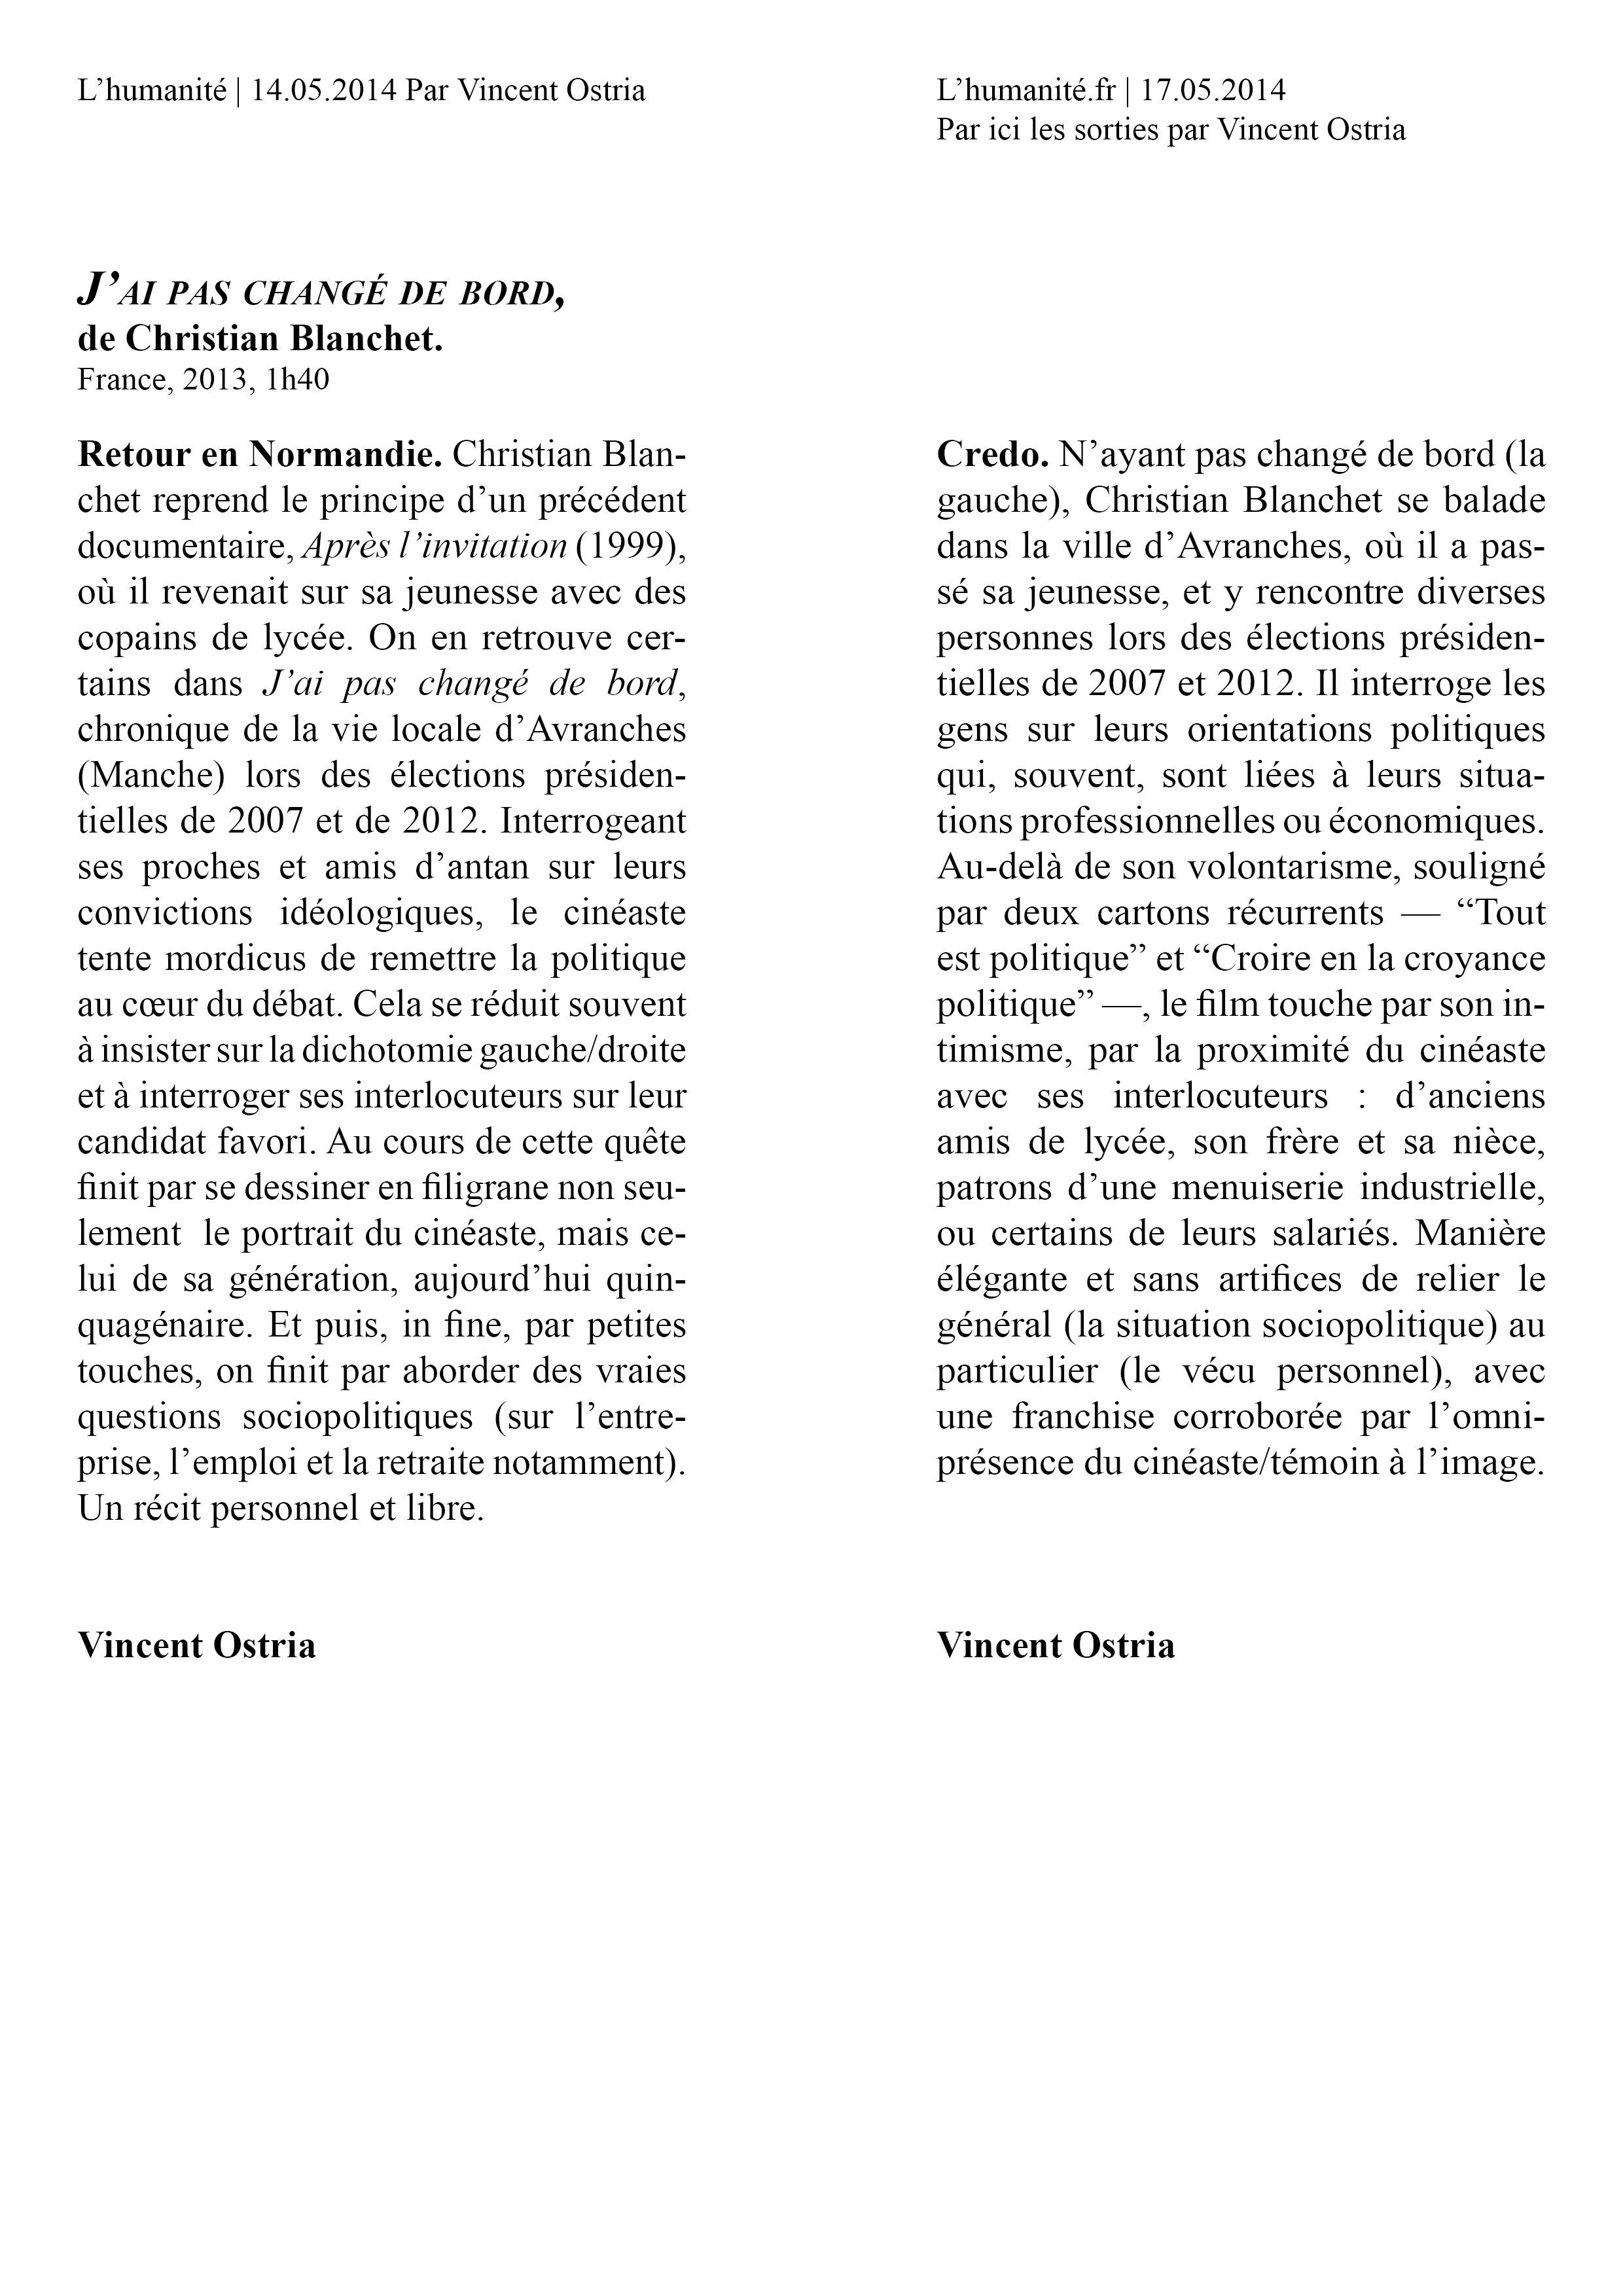 L'Humanité14 mai et 17 mai 2014 Vincent Ostria